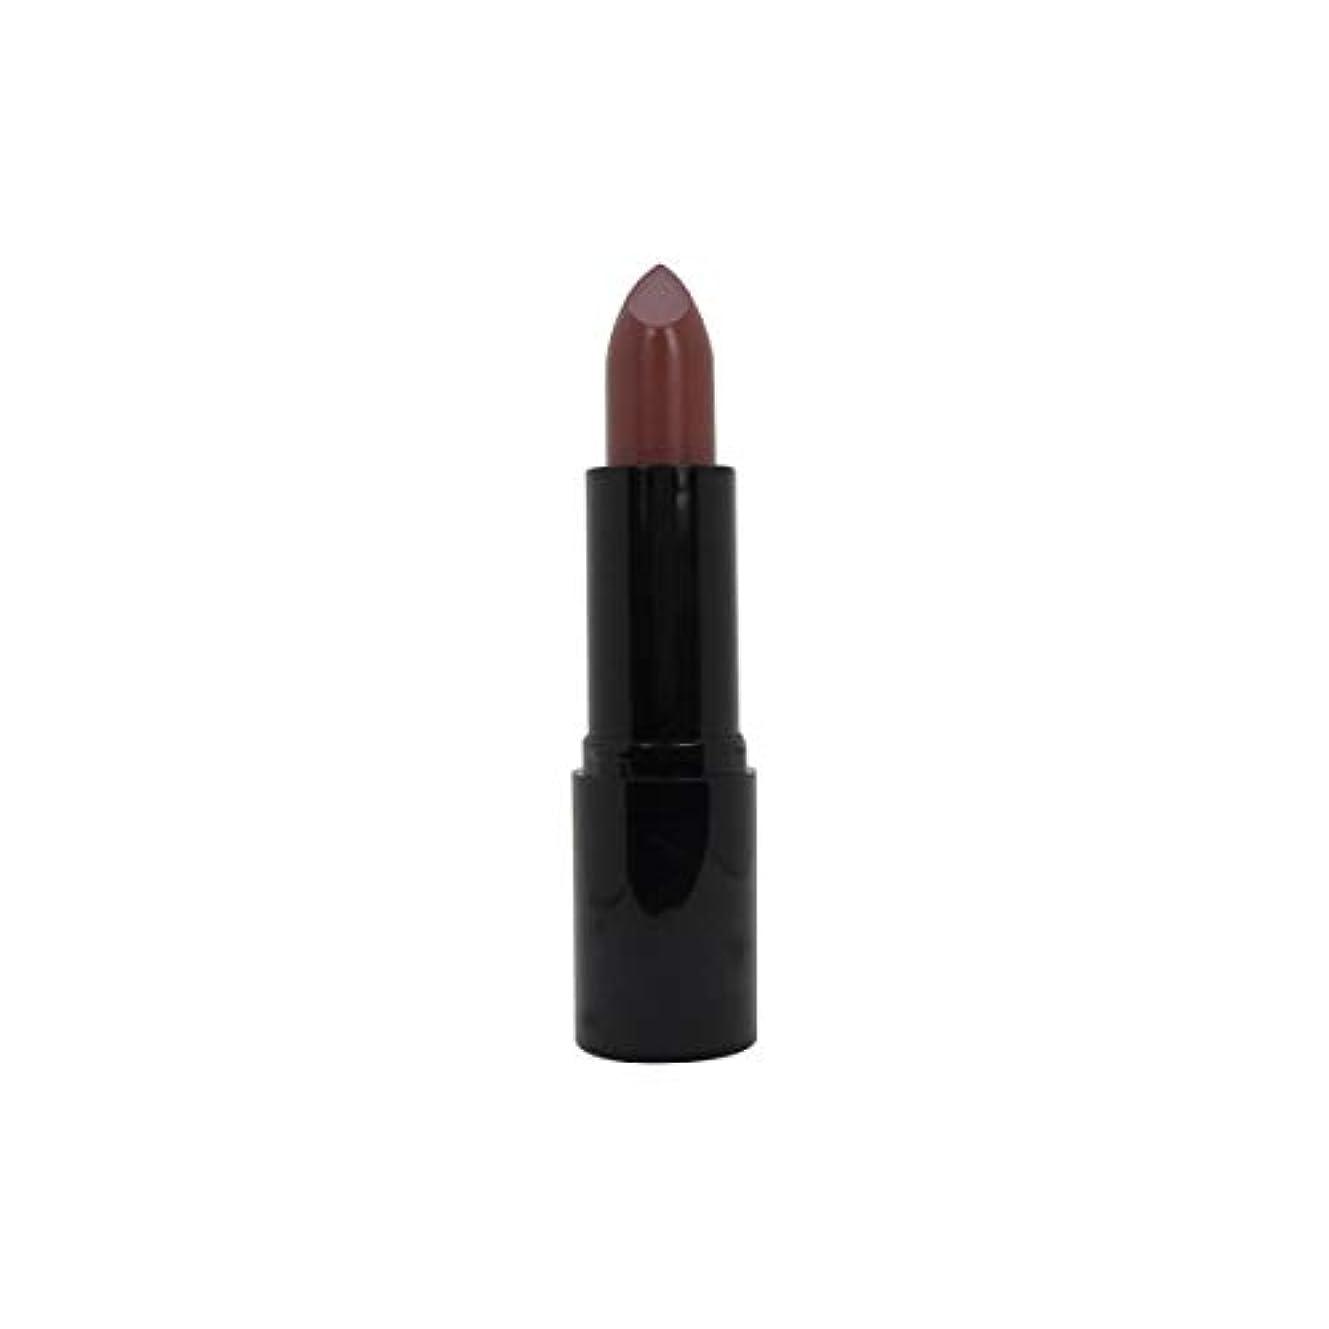 ゆりかごショッキングデッドロックSkinerie The Collection Lipstick 02 Close Rose 3,5g